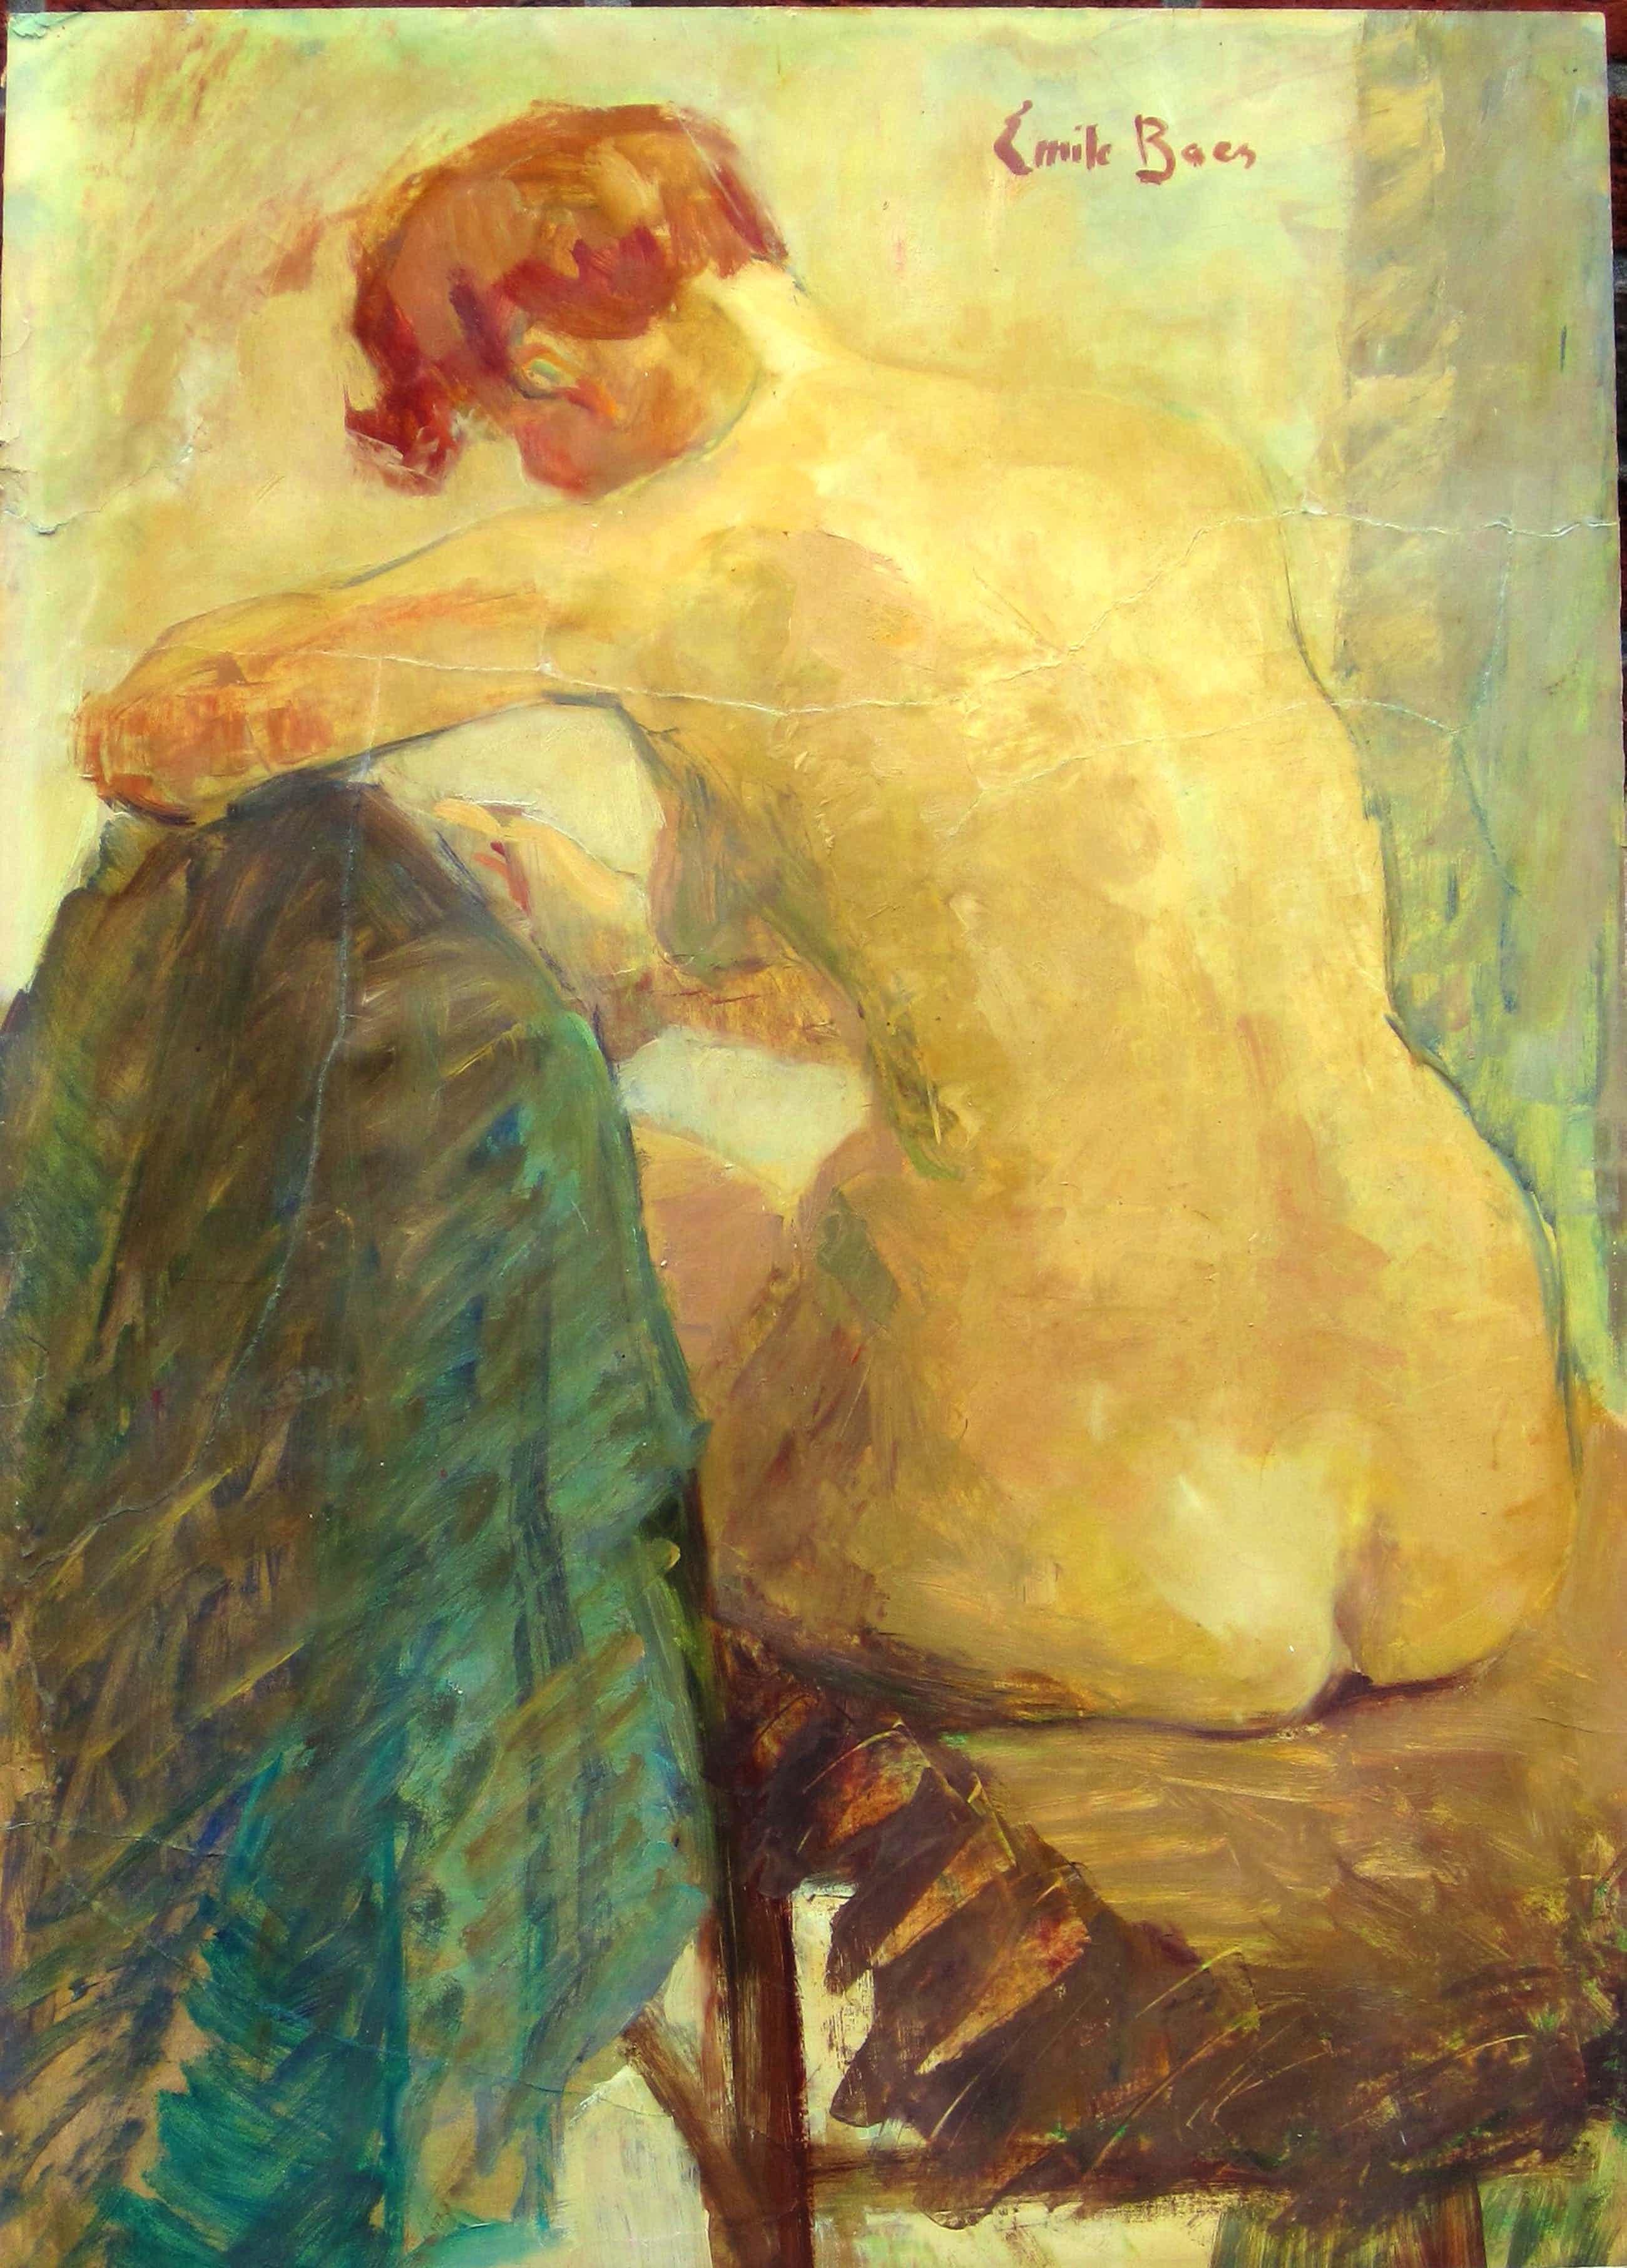 Emile Baese - Emile Baes 1879-1954 Brussel - Parijs vrouwelijk naakt kopen? Bied vanaf 930!